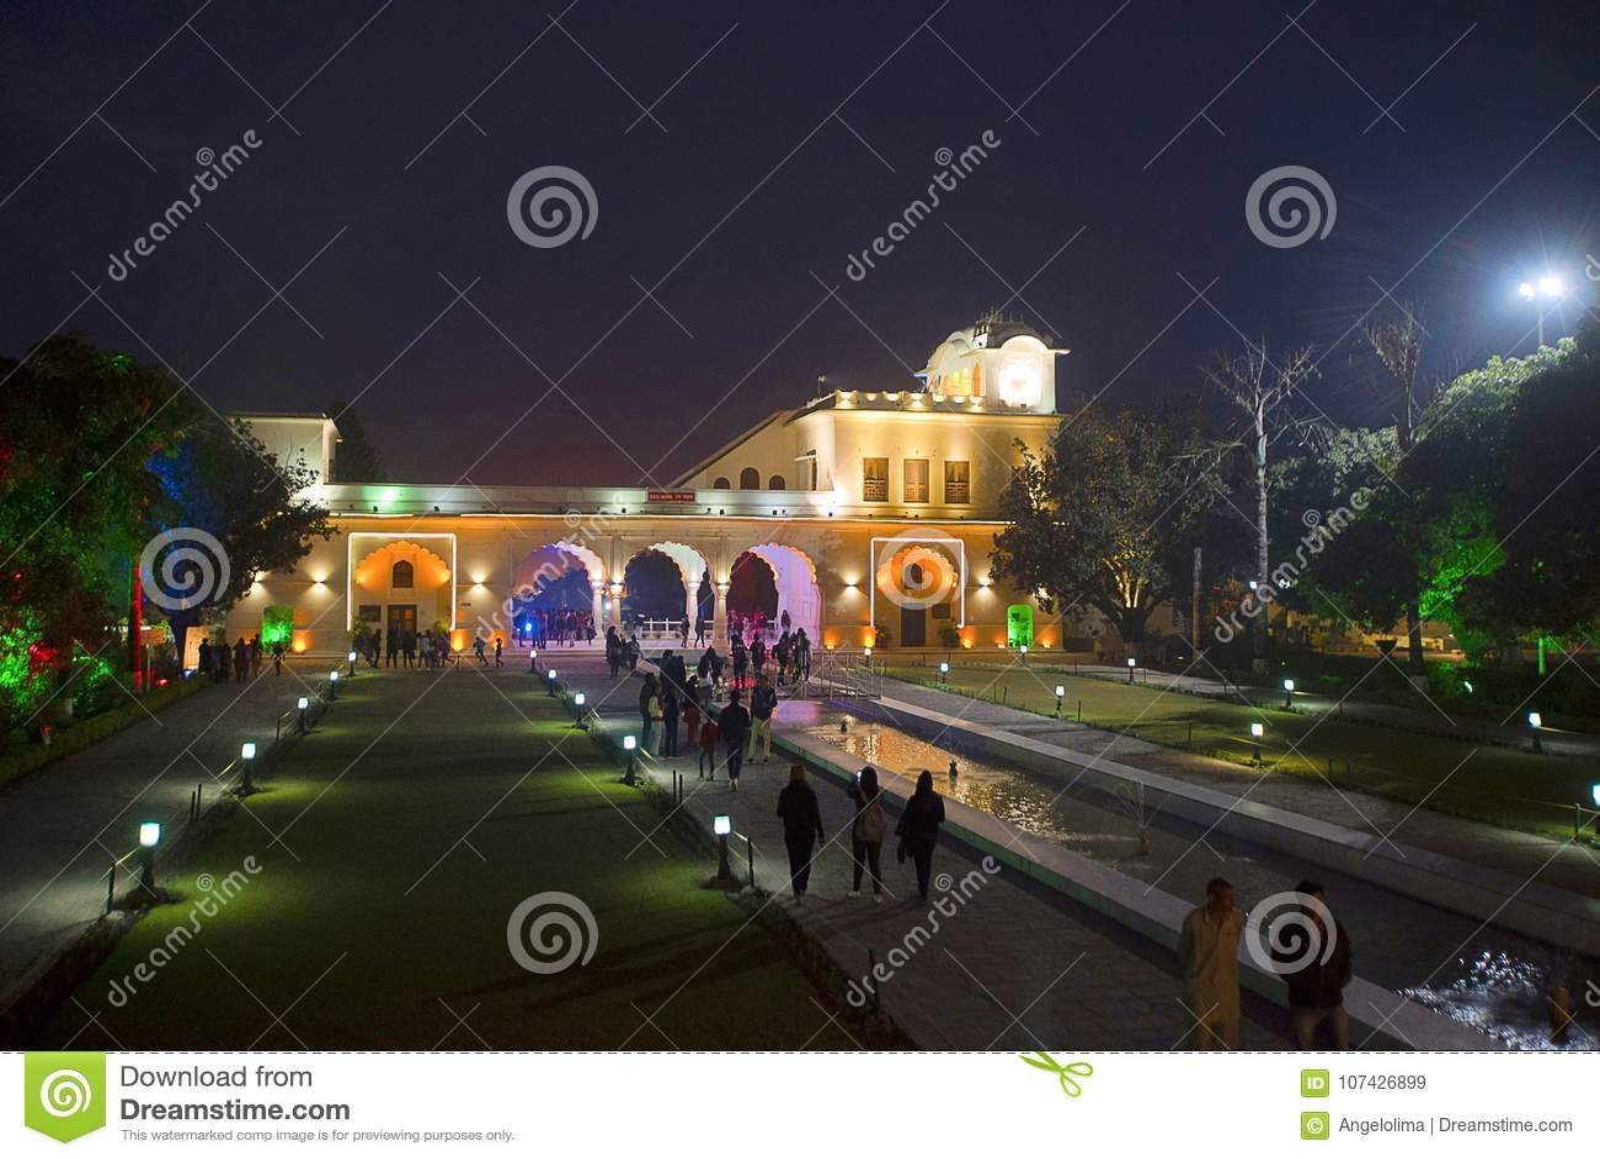 Complexité et asymétrie chez Vijay Vilas Palace, Bhuj